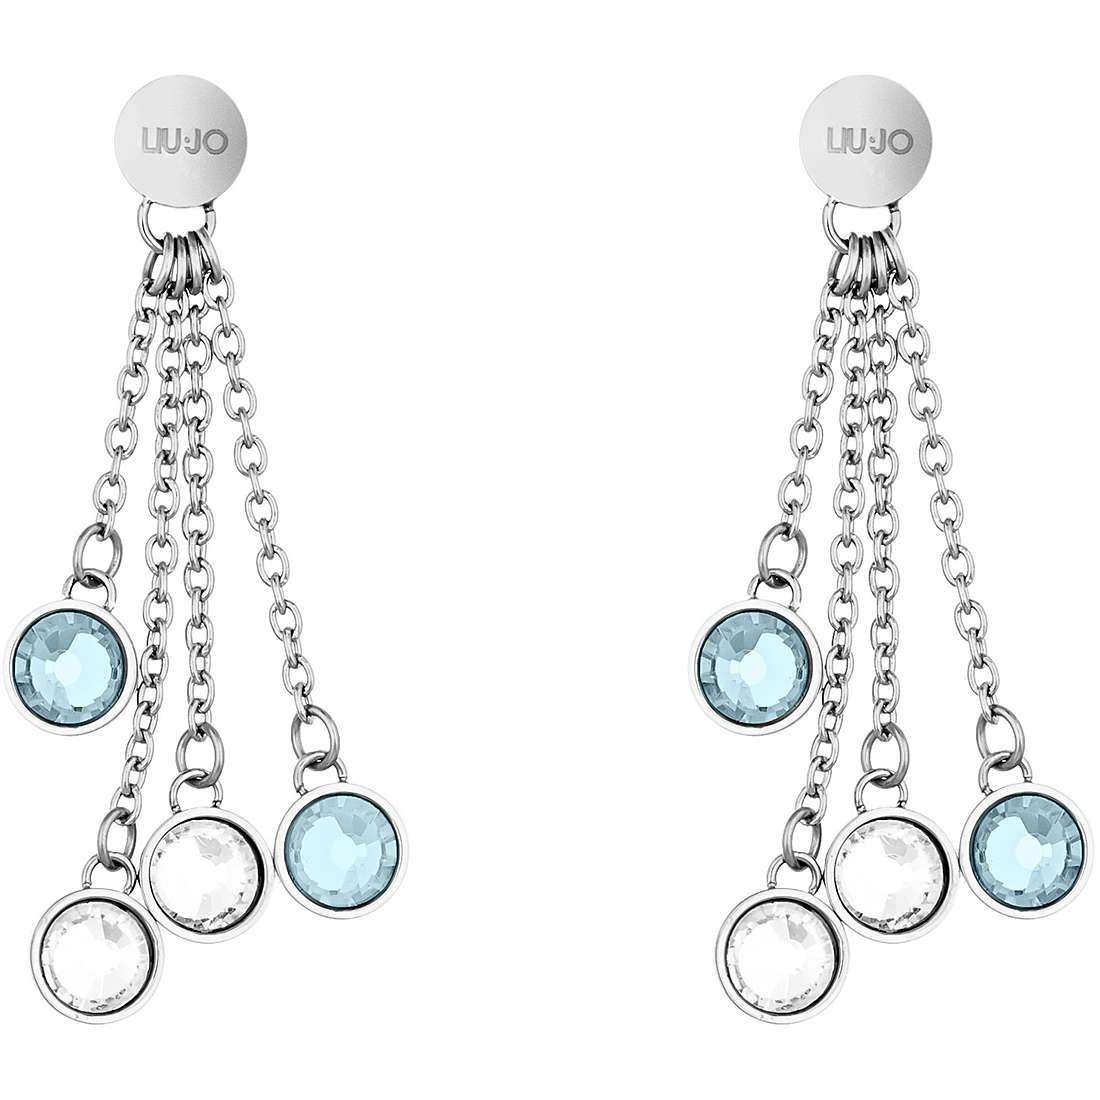 Orecchini Donna Liu Jo Luxury Acciaio Con Cristalli Bianchi e Azzurri - LJ1105